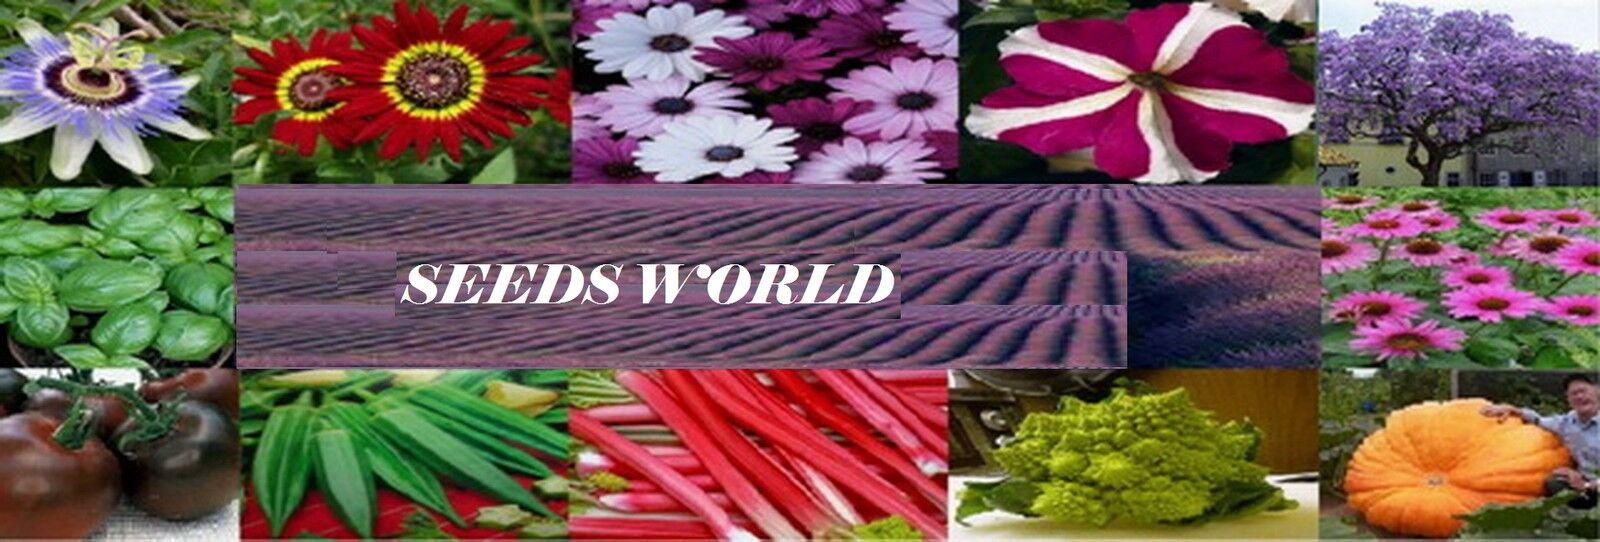 seeds-world-shop